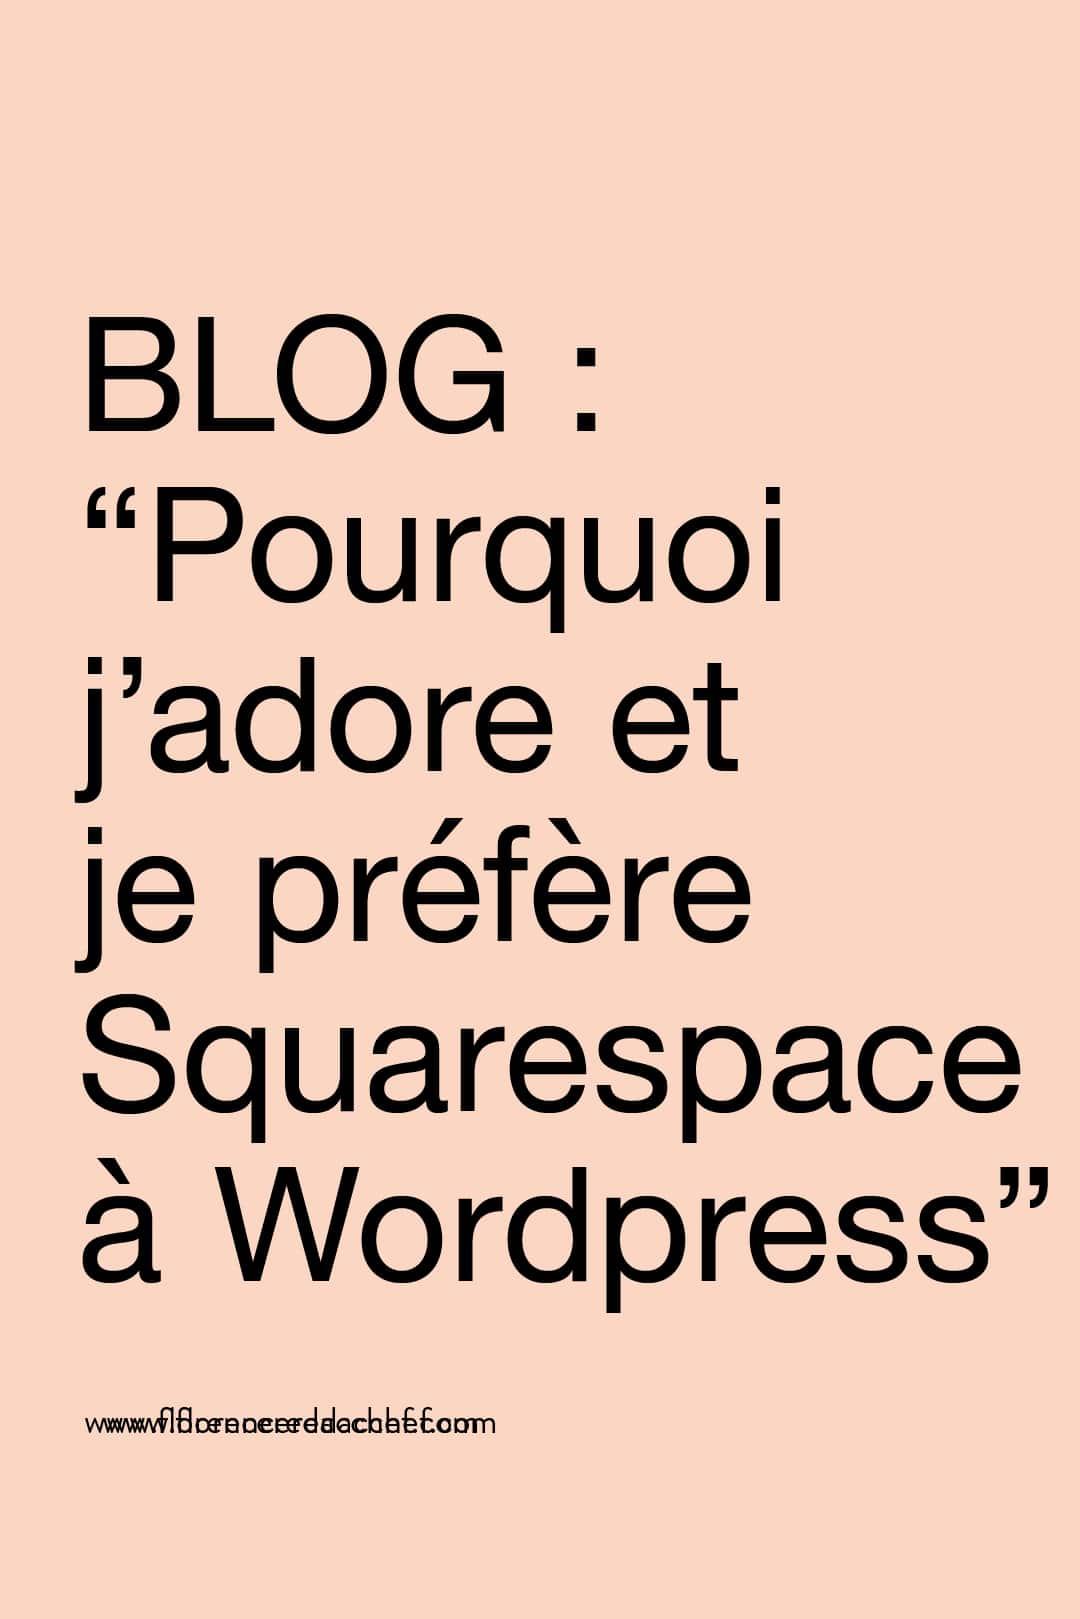 """Sur le blog : """"Squarespace, pourquoi ça cartonne et pourquoi je le préfère à WordPress"""""""